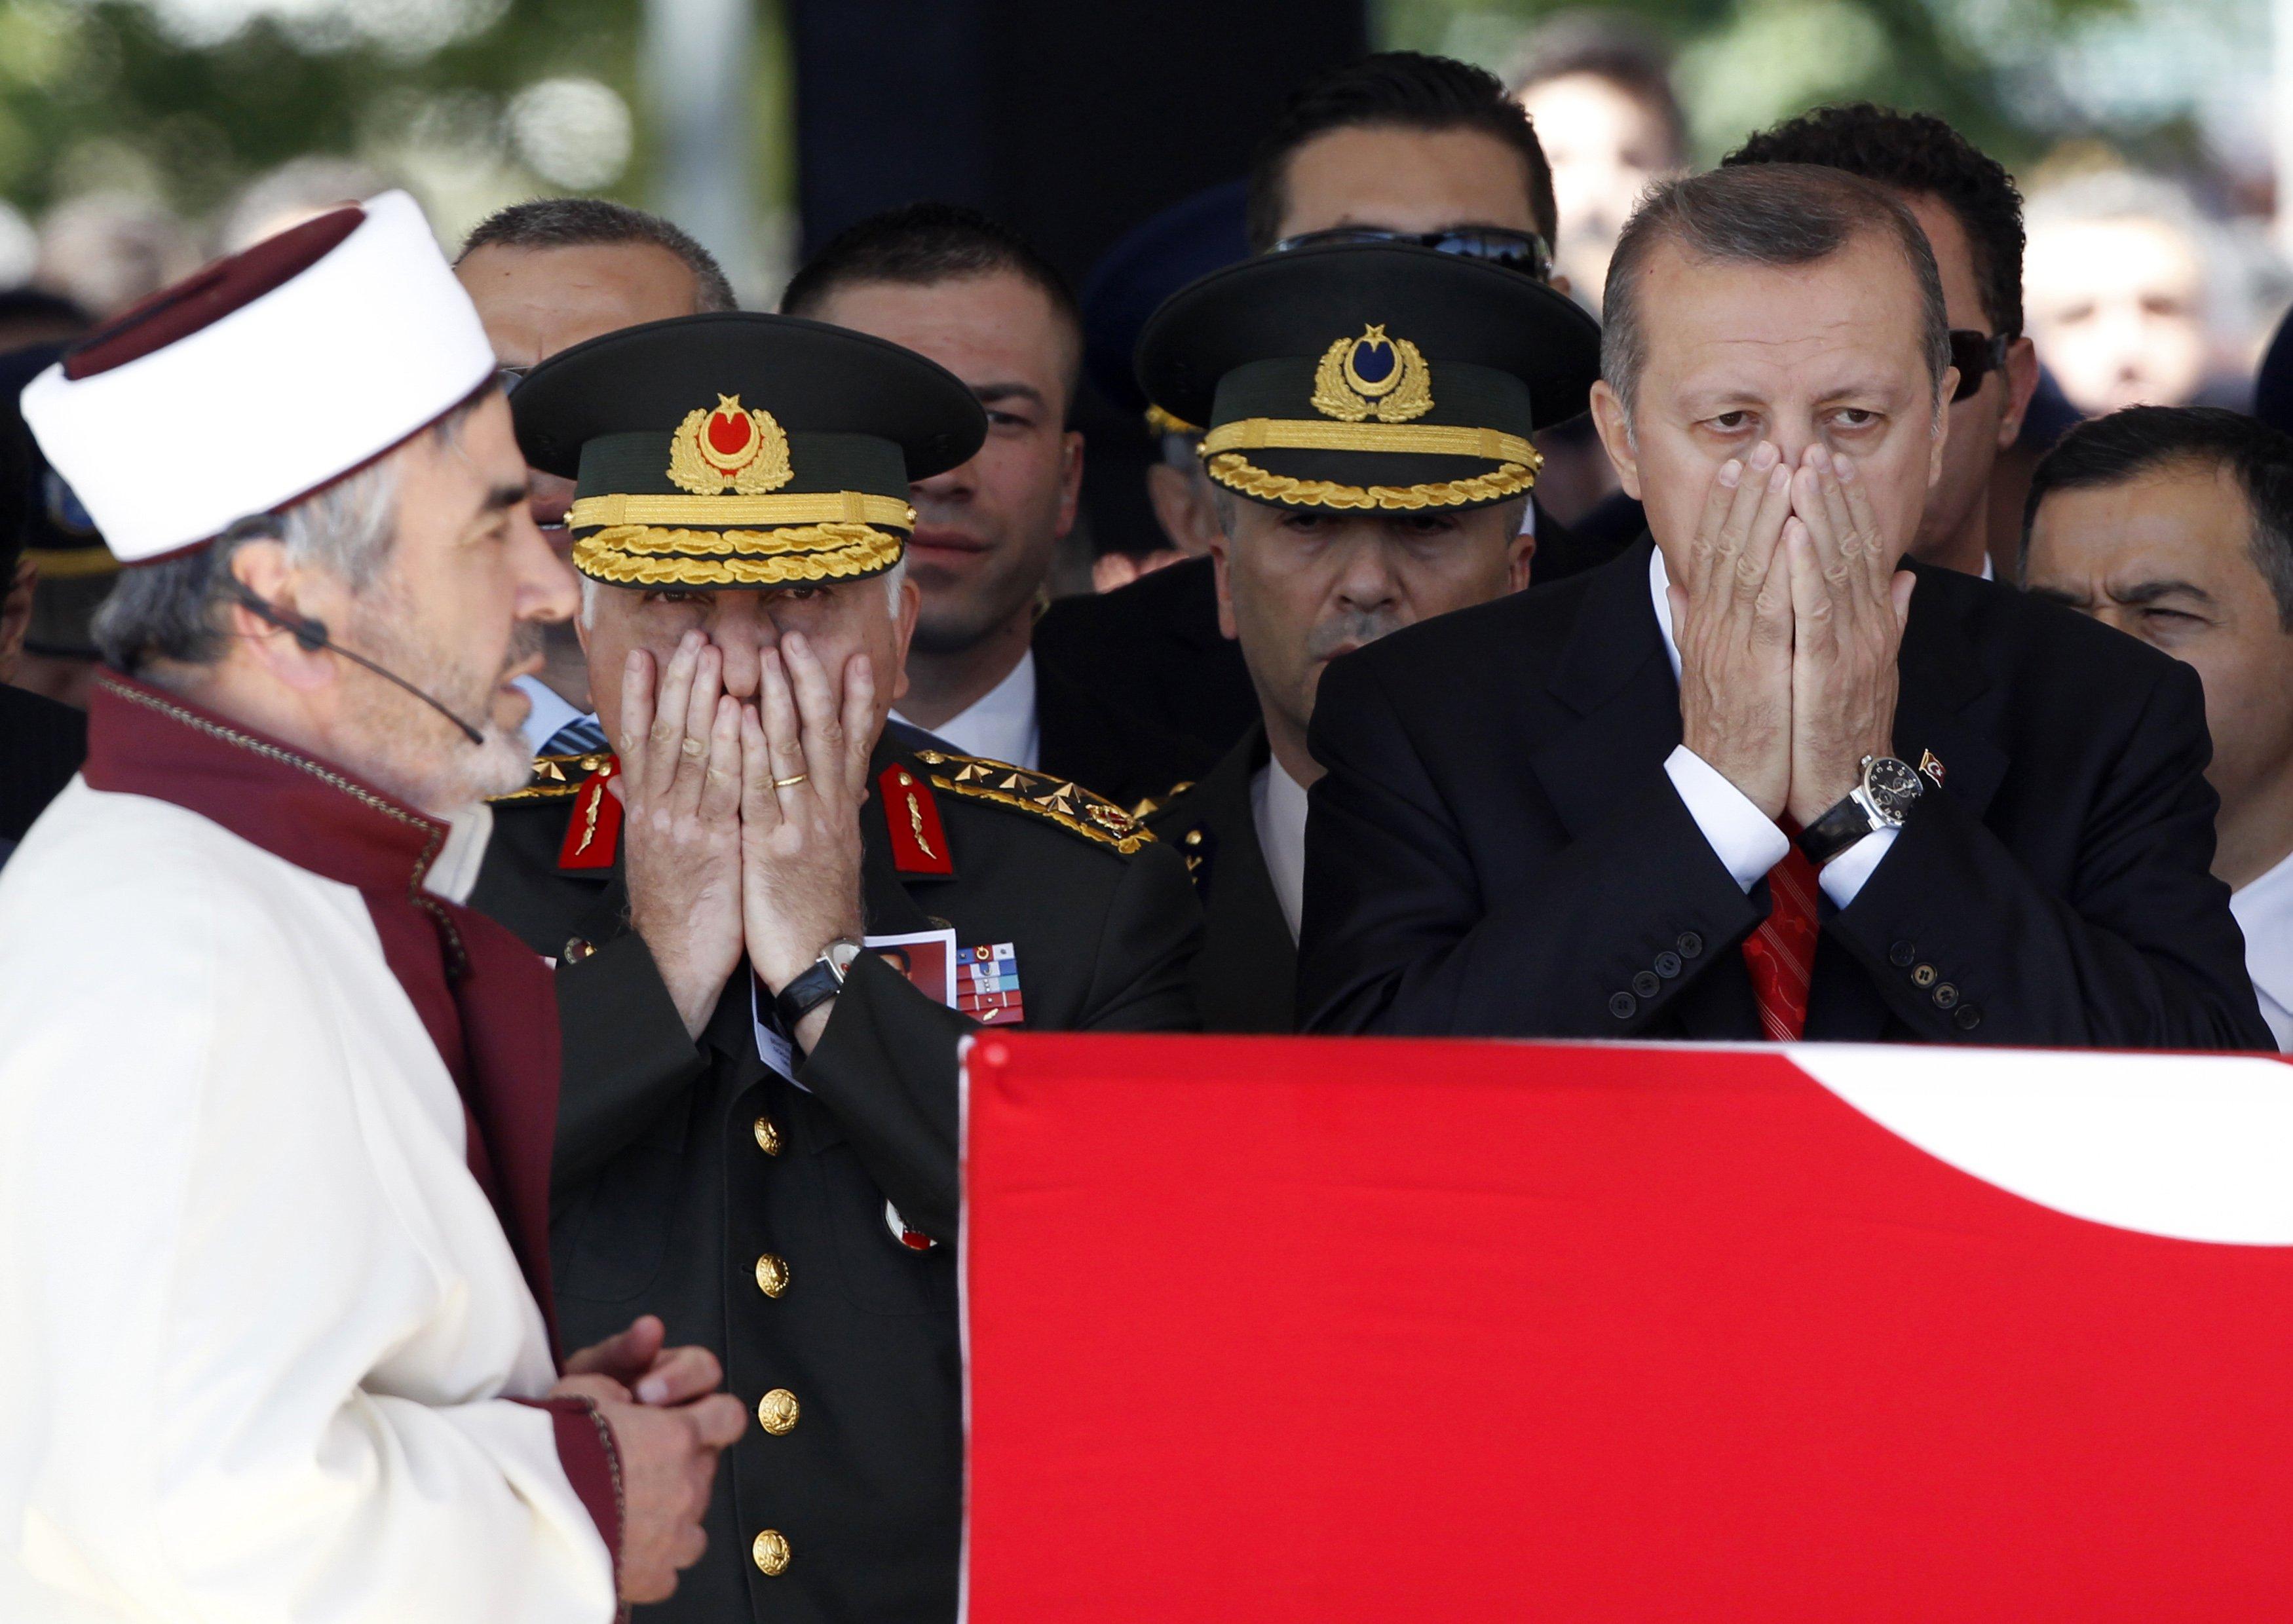 Türkiye'nin Suriye planları sızdı: NATO, Erdoğan'ın gözünü Necdet Özel ile korkutmuş